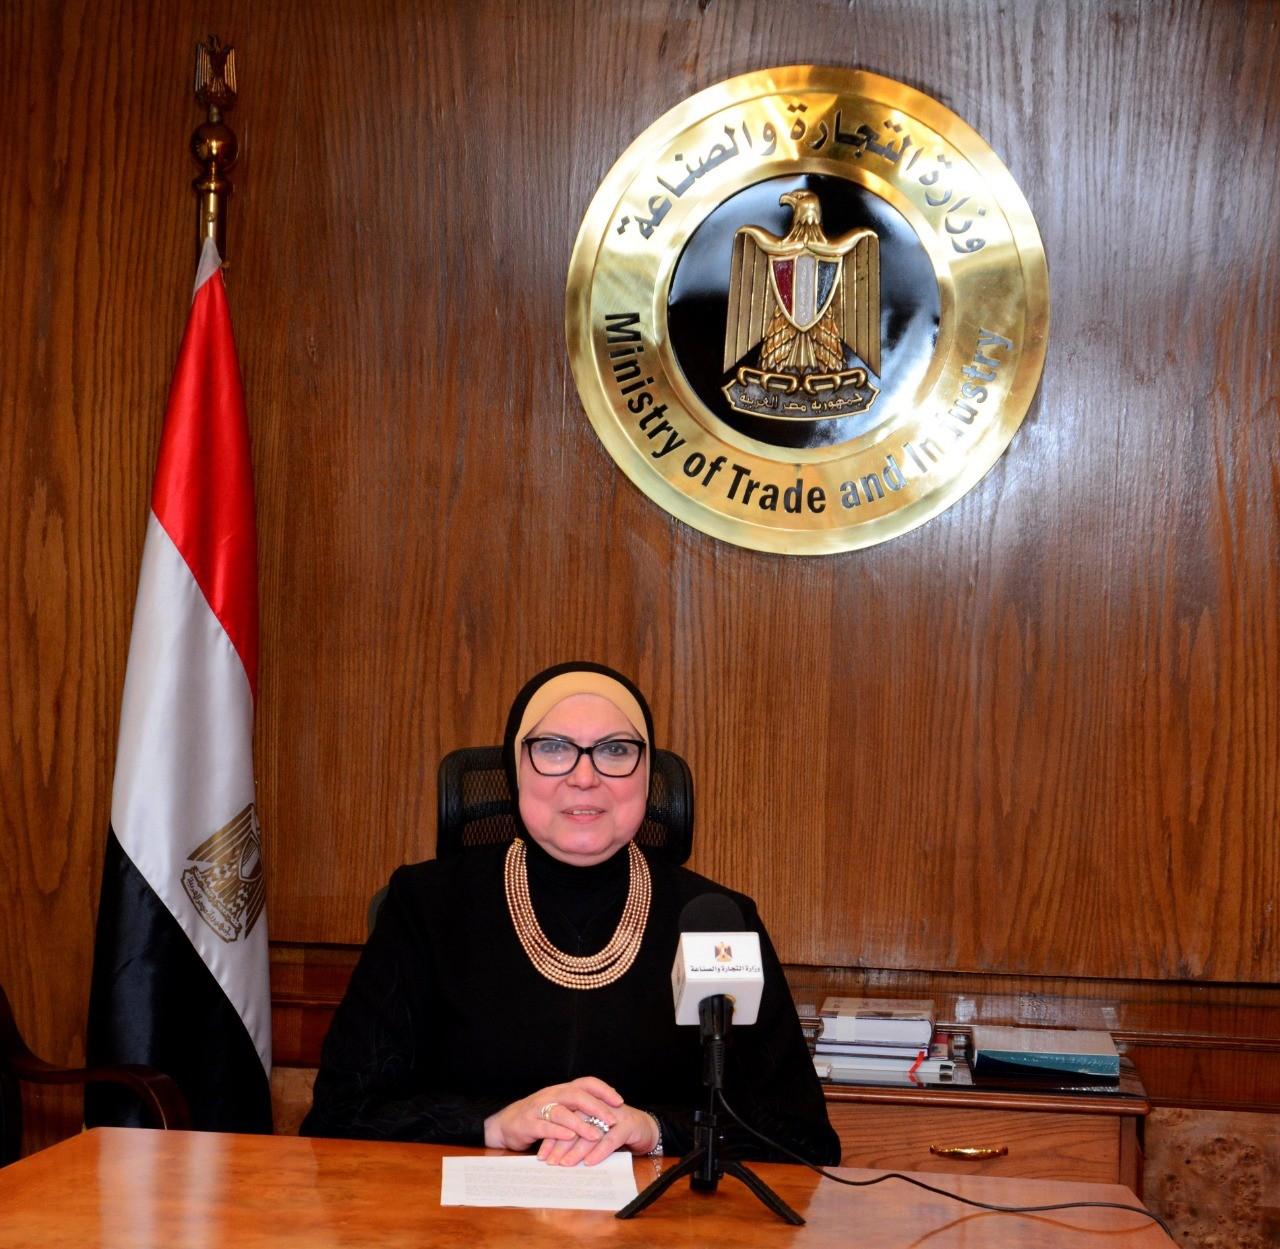 مصر والسويد تبحثان تشكيل مجلس أعمال مشترك لتعزيز التعاون التجاري والاستثماري